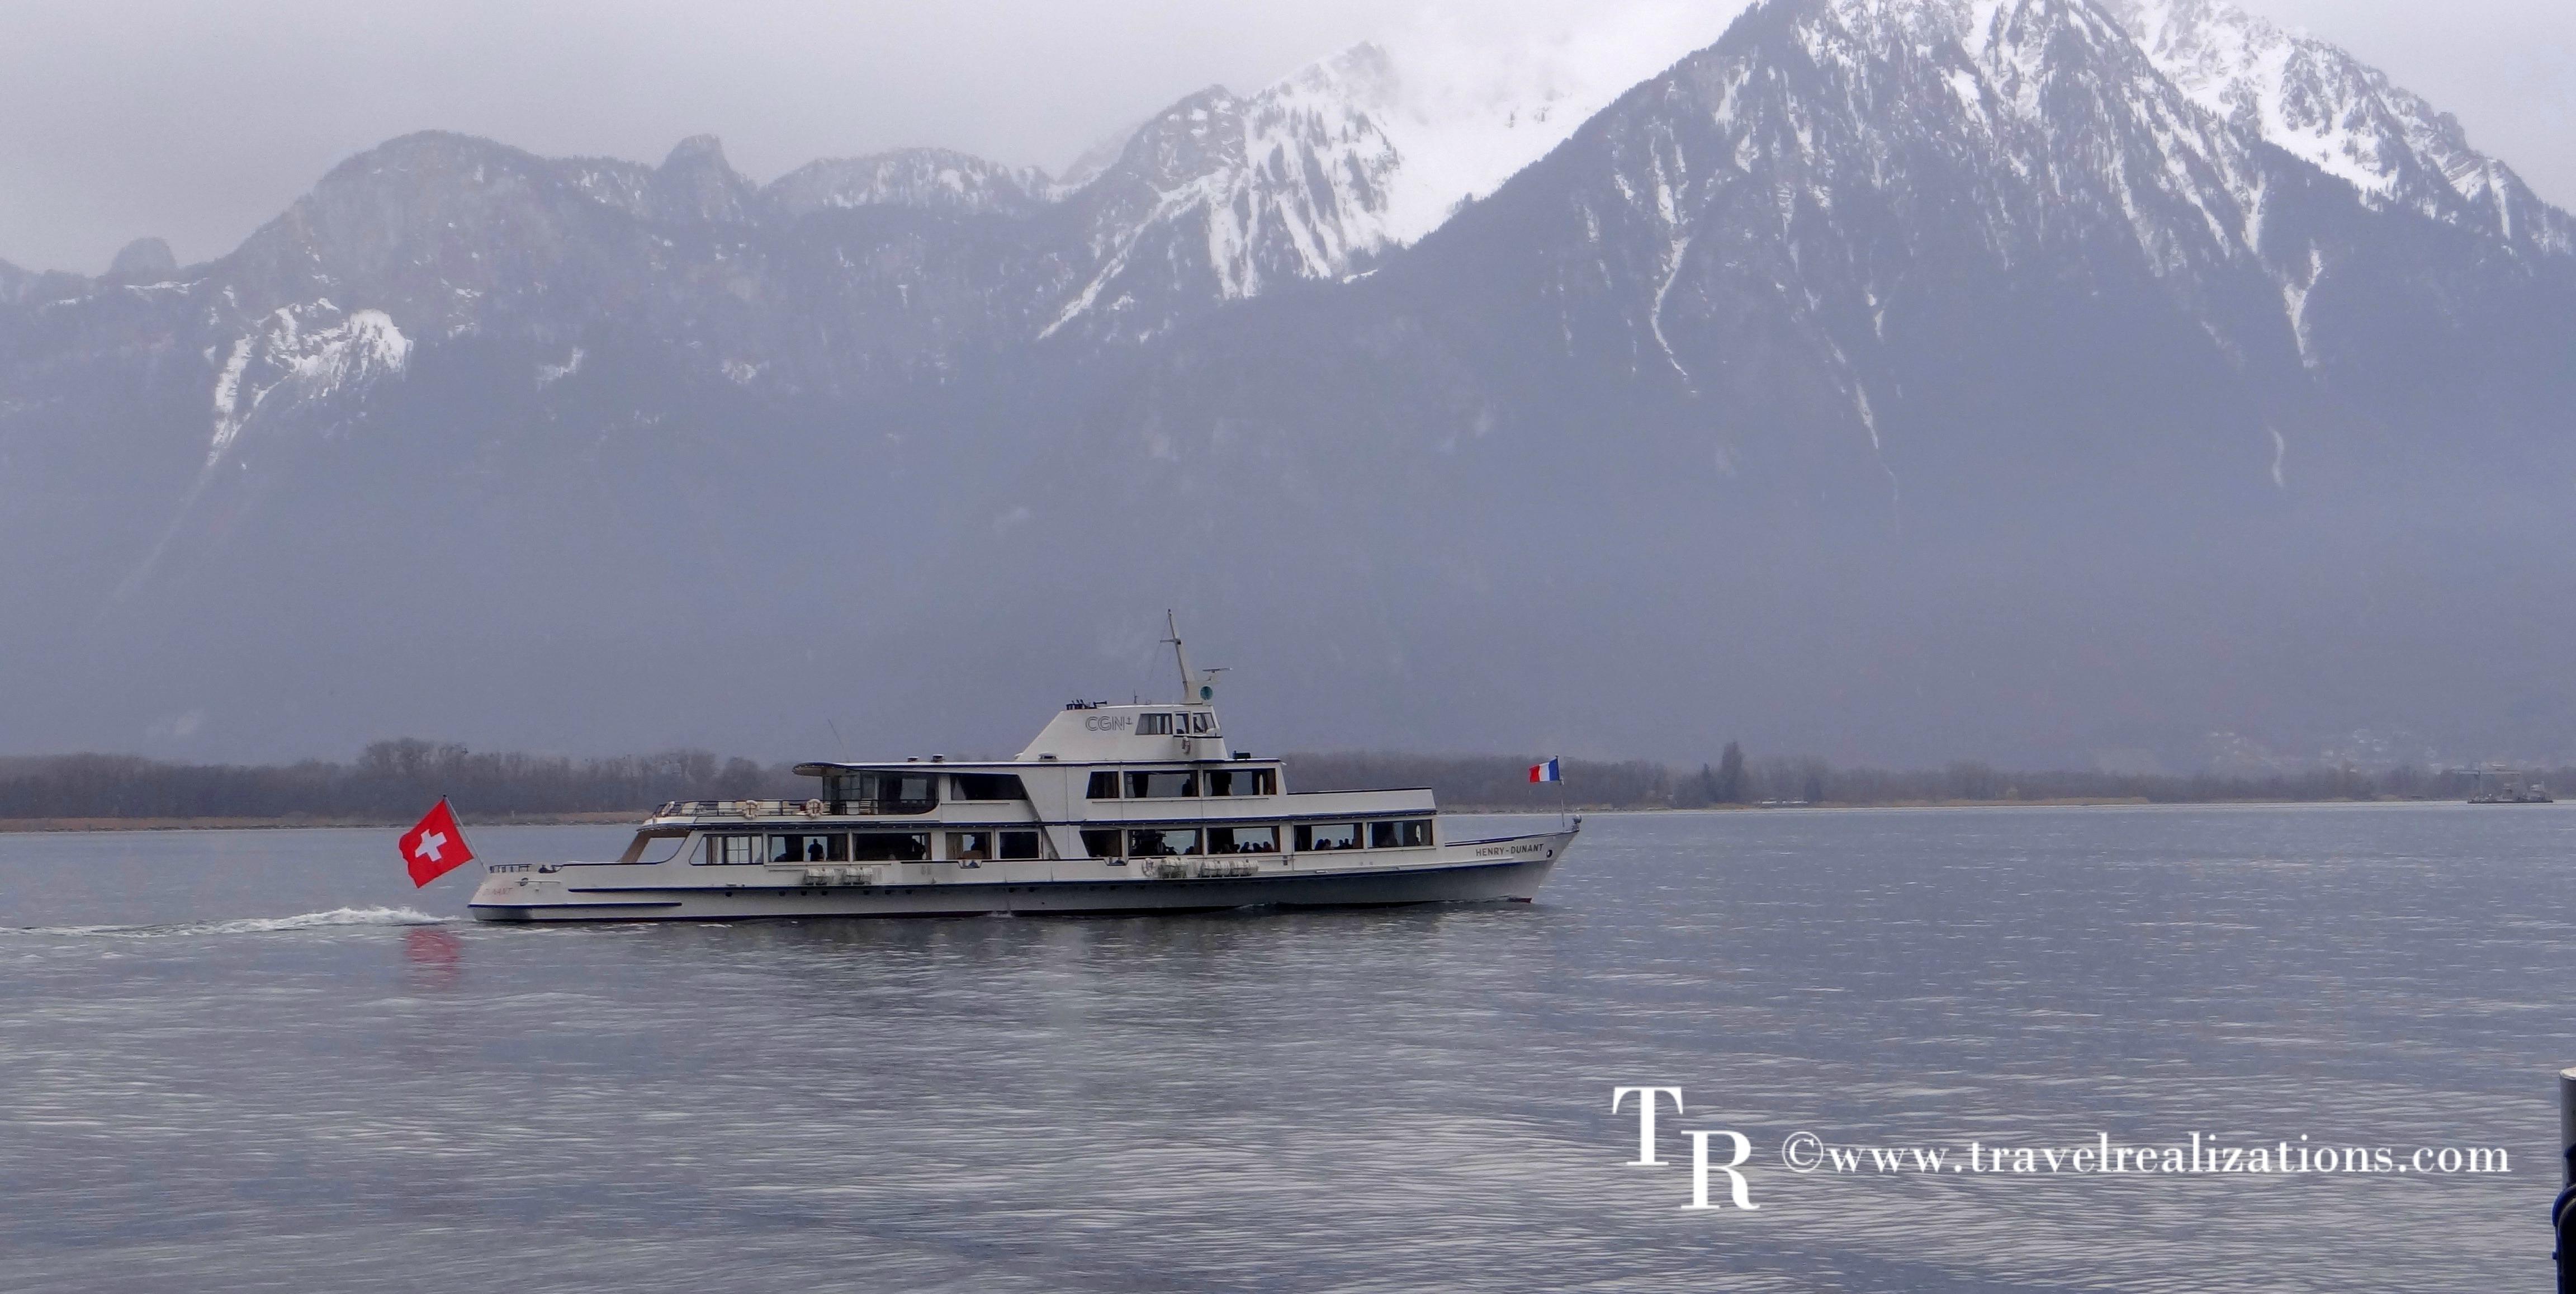 A voyage across lake Geneva!